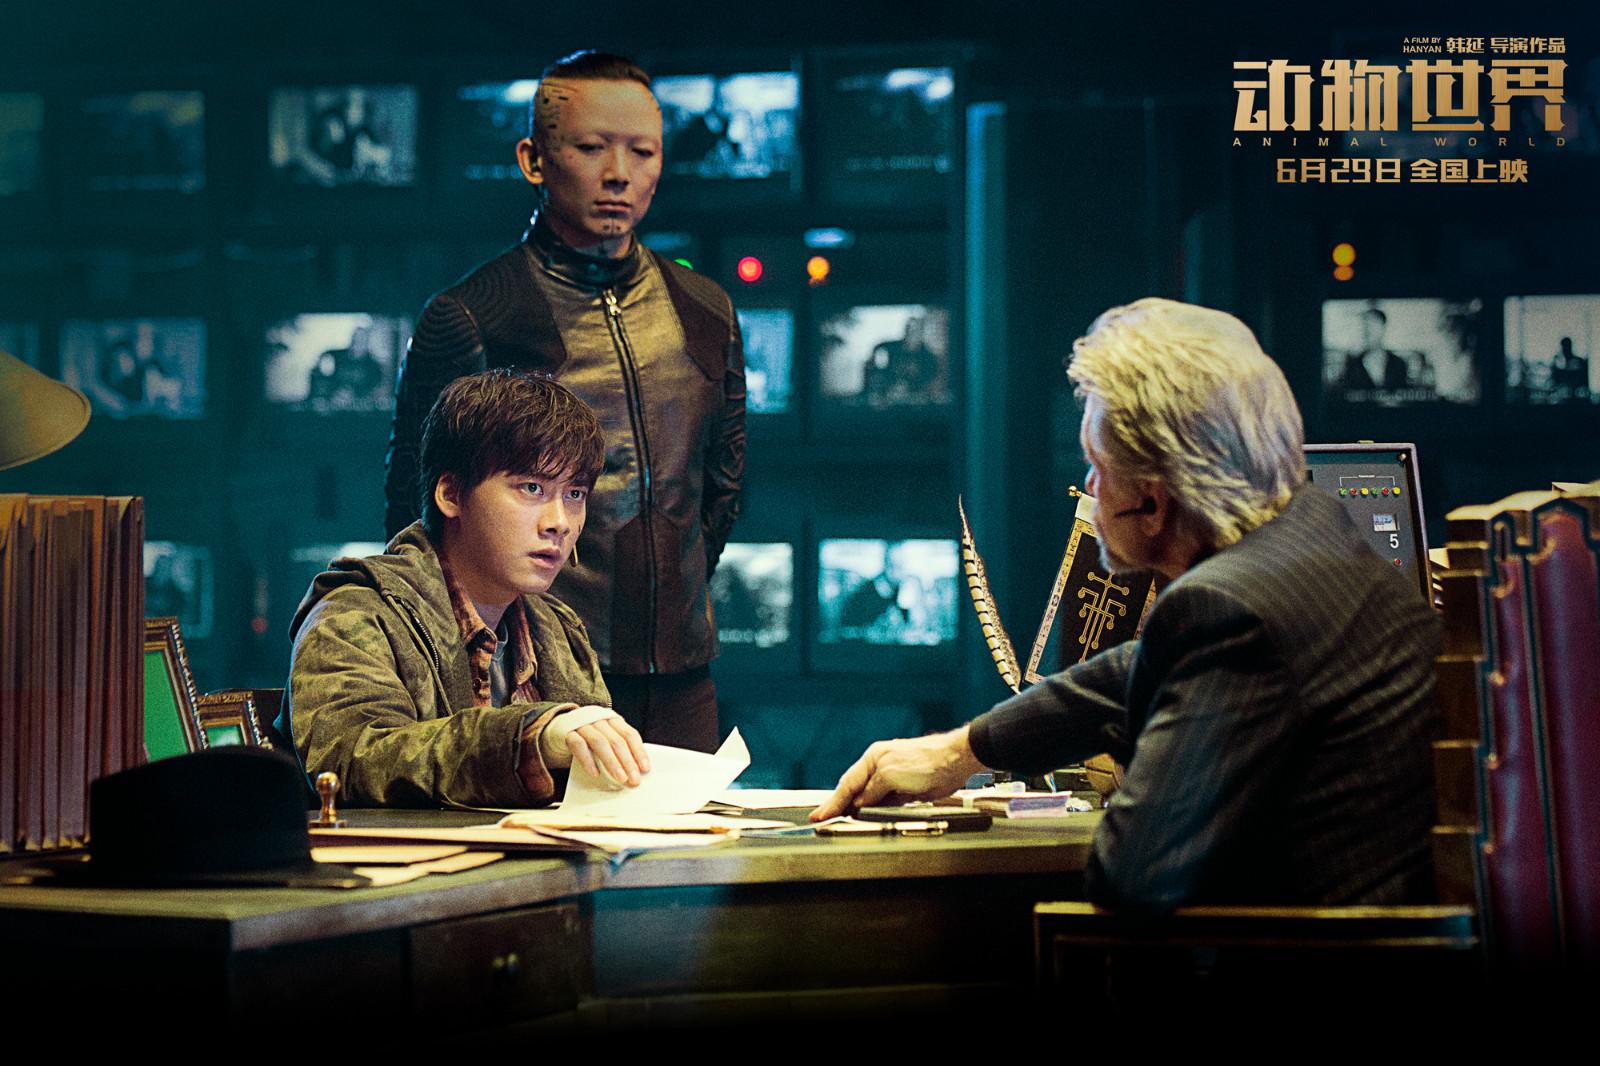 电影《动物世界》629开局李易峰周冬雨陷冒险游戏情感